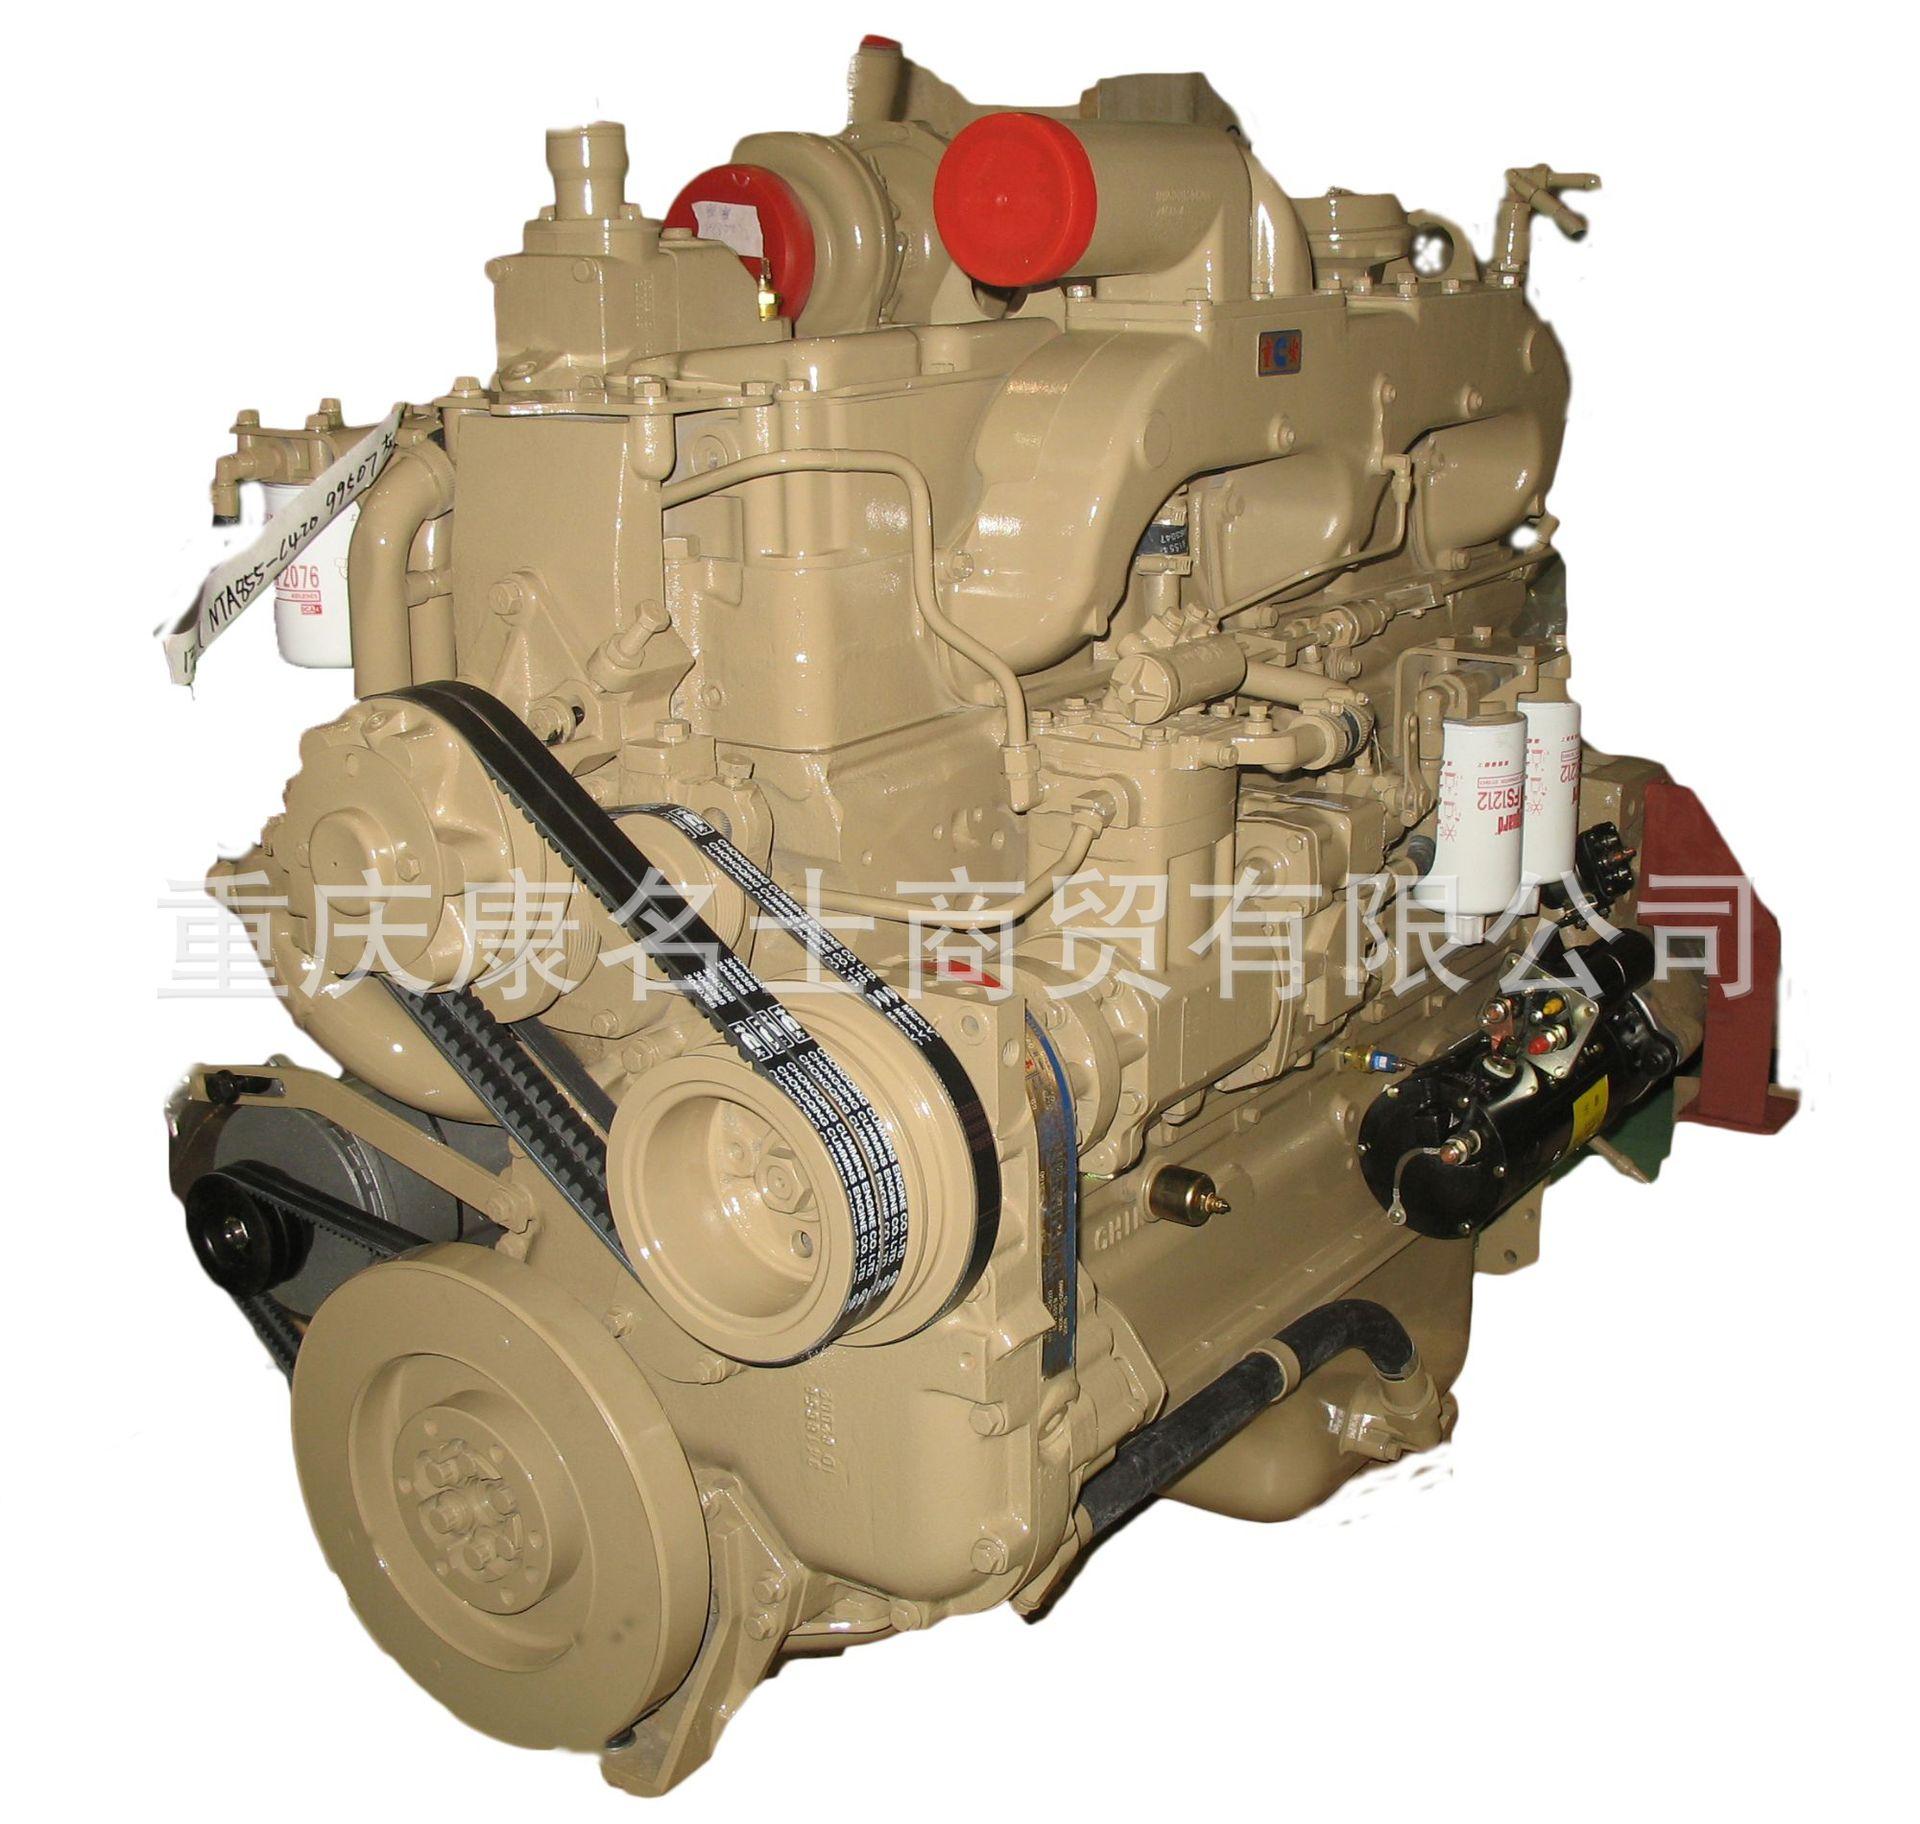 3959136康明斯交流发电机支架ISB-300发动机配件厂价优惠